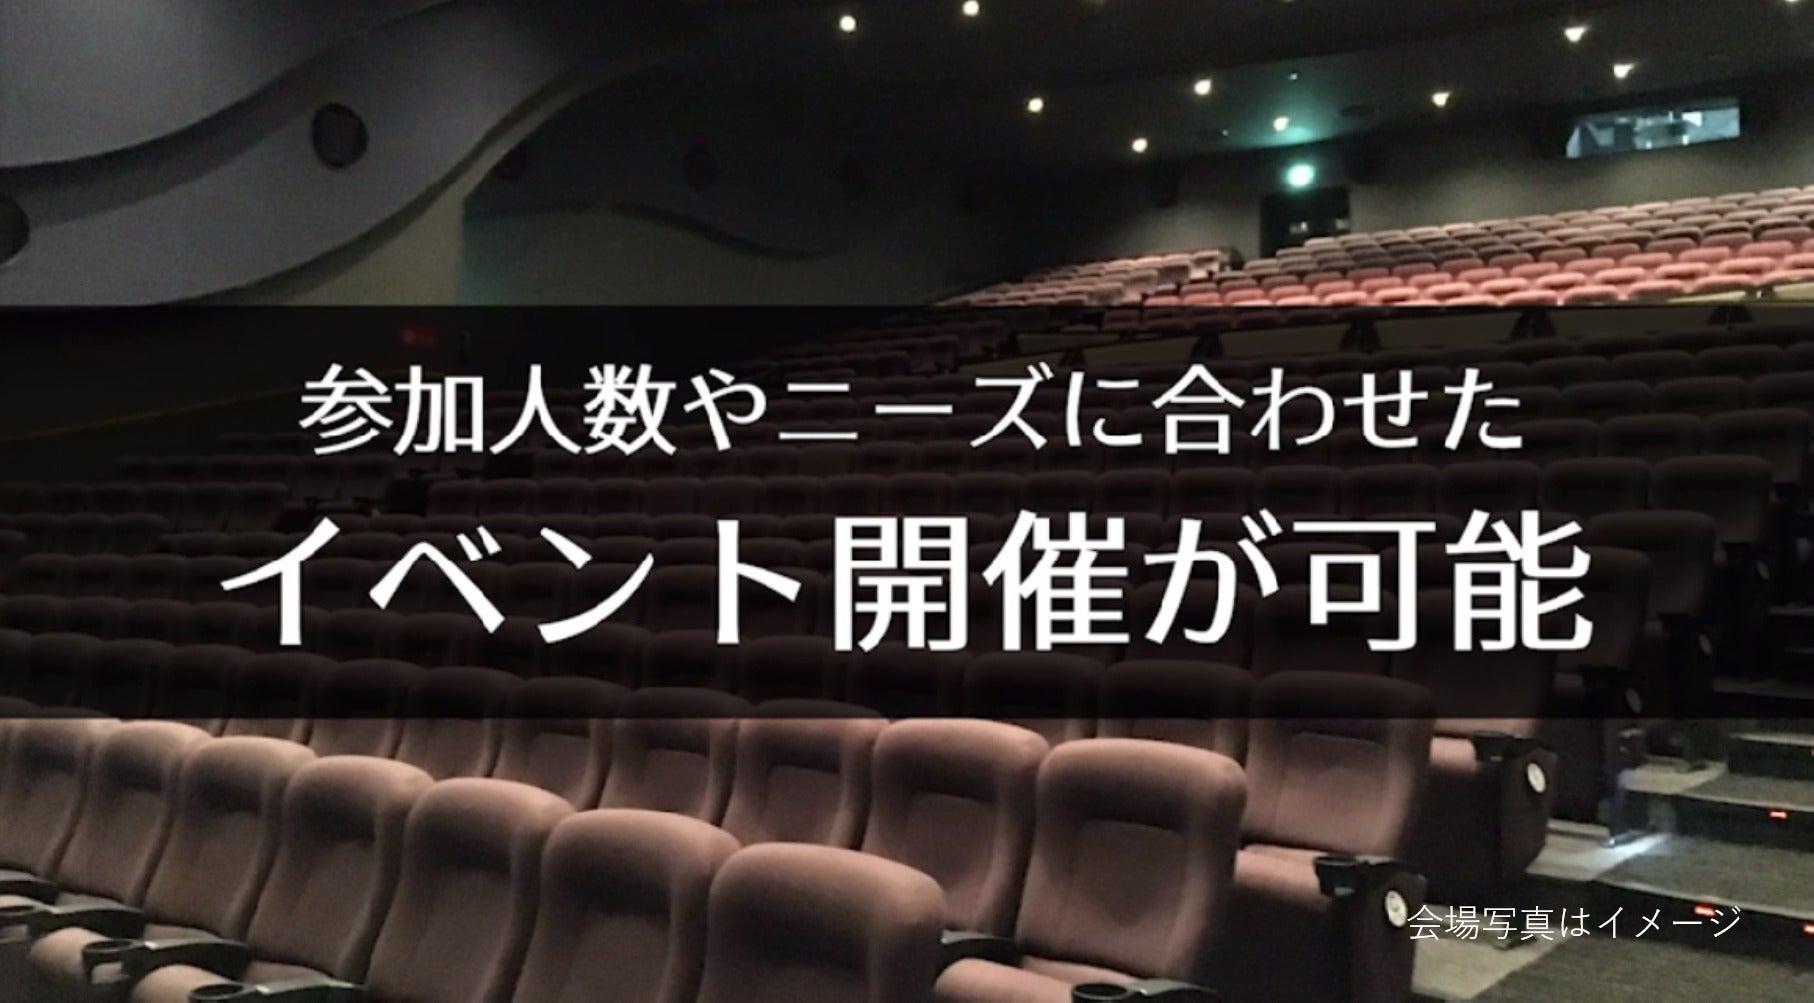 【新座 180席】映画館で、会社説明会、株主総会、講演会の企画はいかがですか?